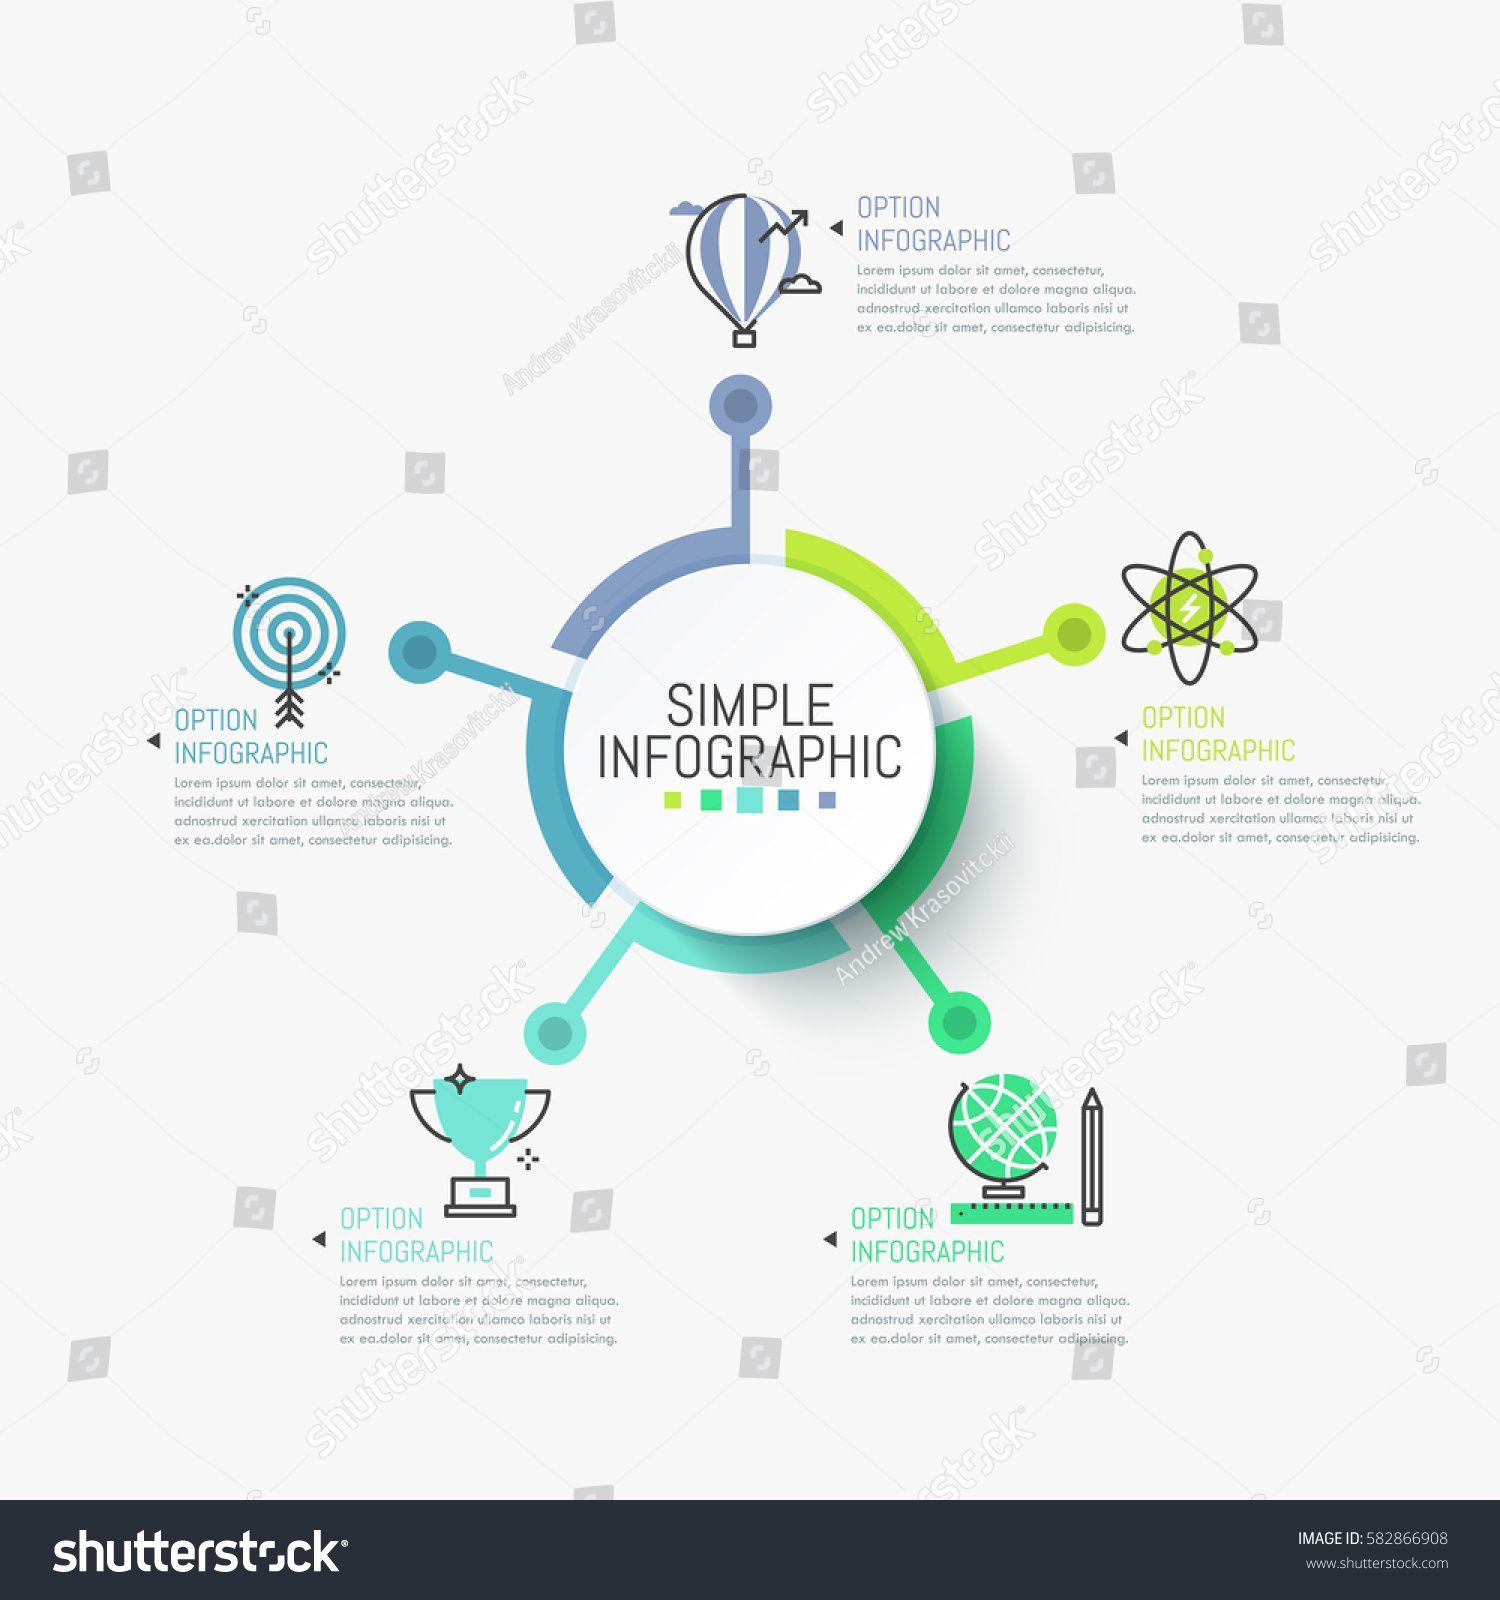 Minimalist infographic design layout. Round element in